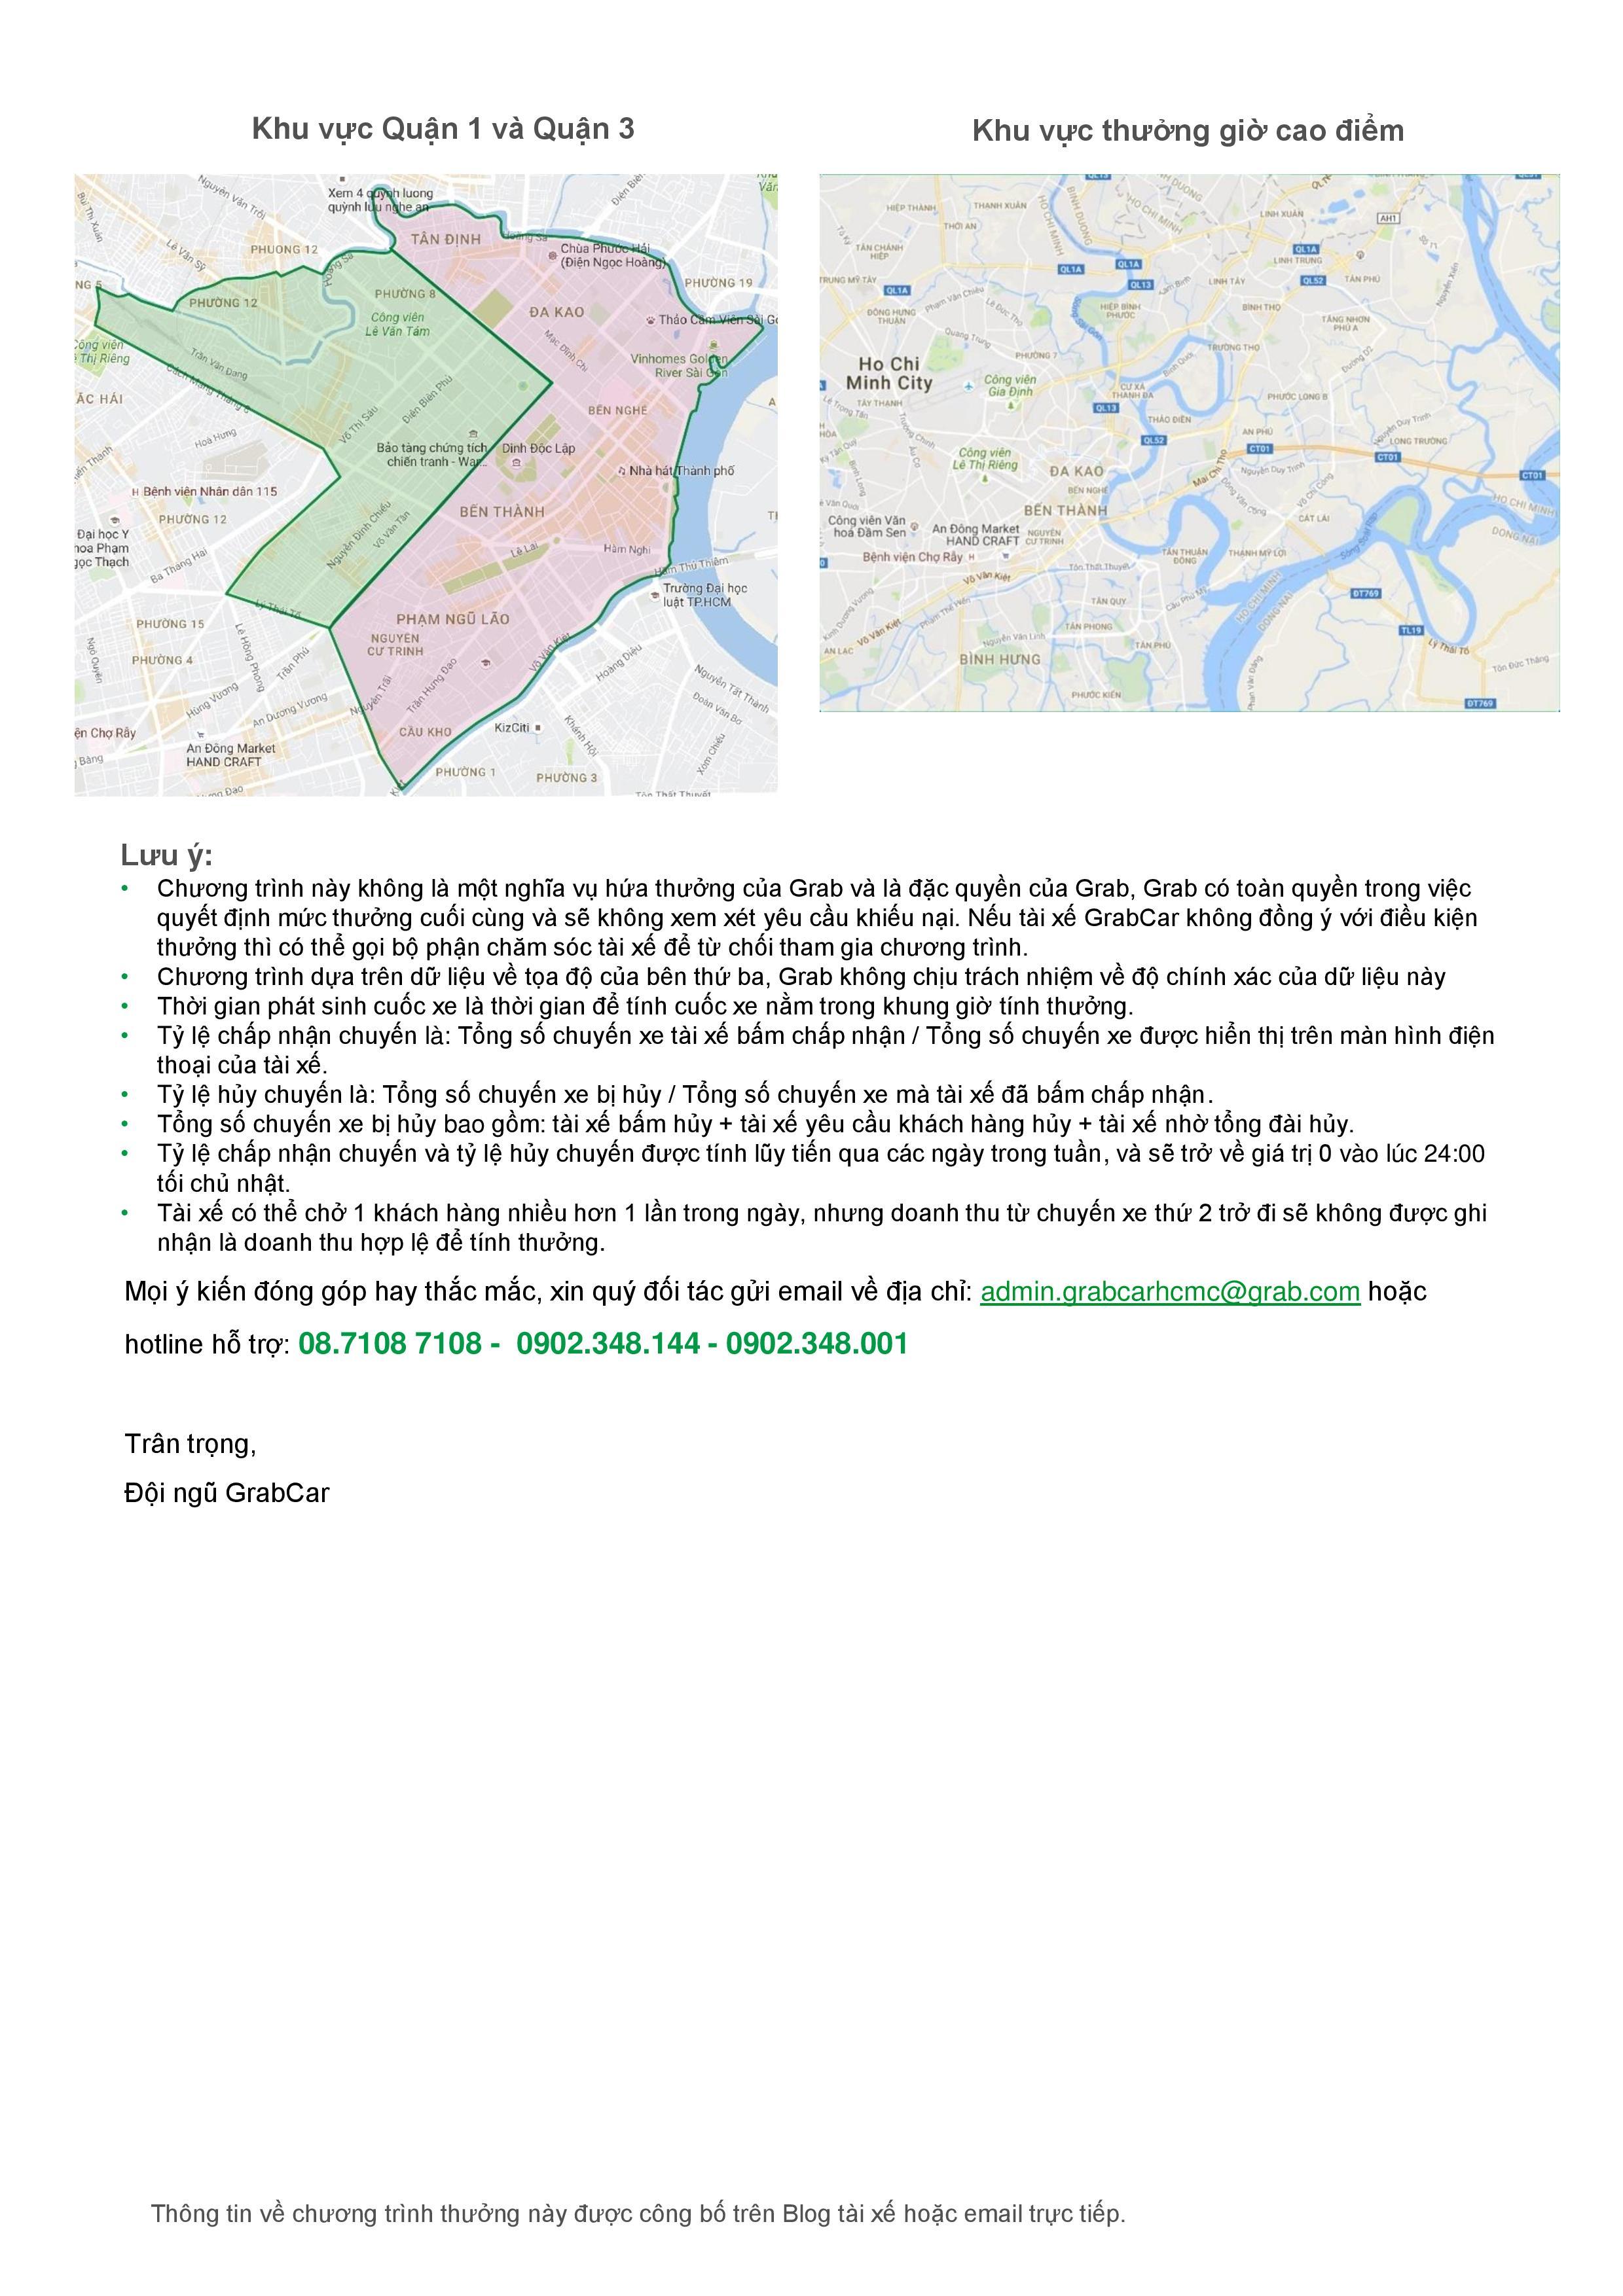 gchcm-incentive1212-page-002